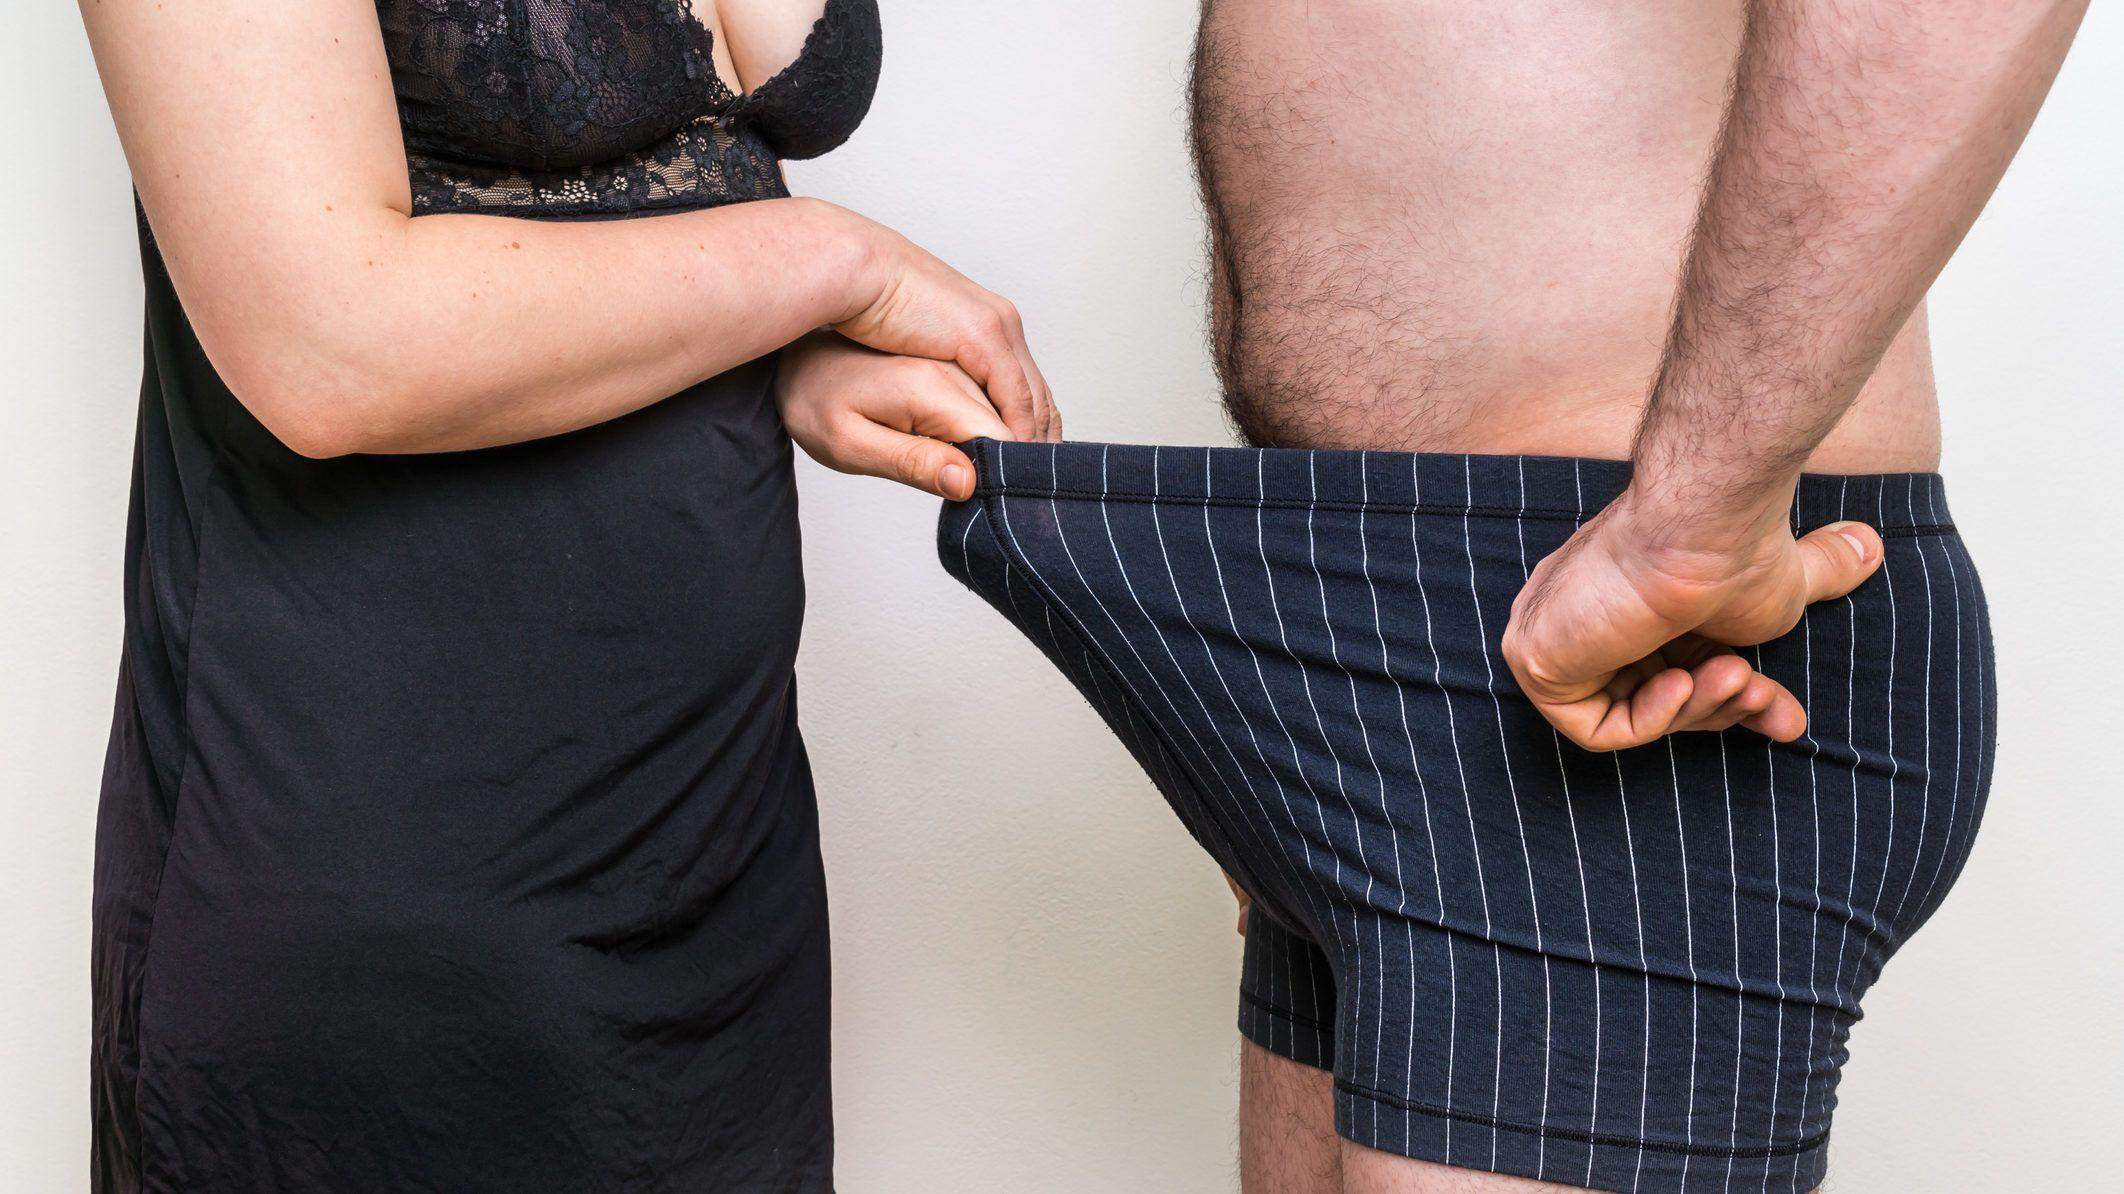 normális péniszhossz férfiaknál azonnali erekcióra szolgáló készítmények